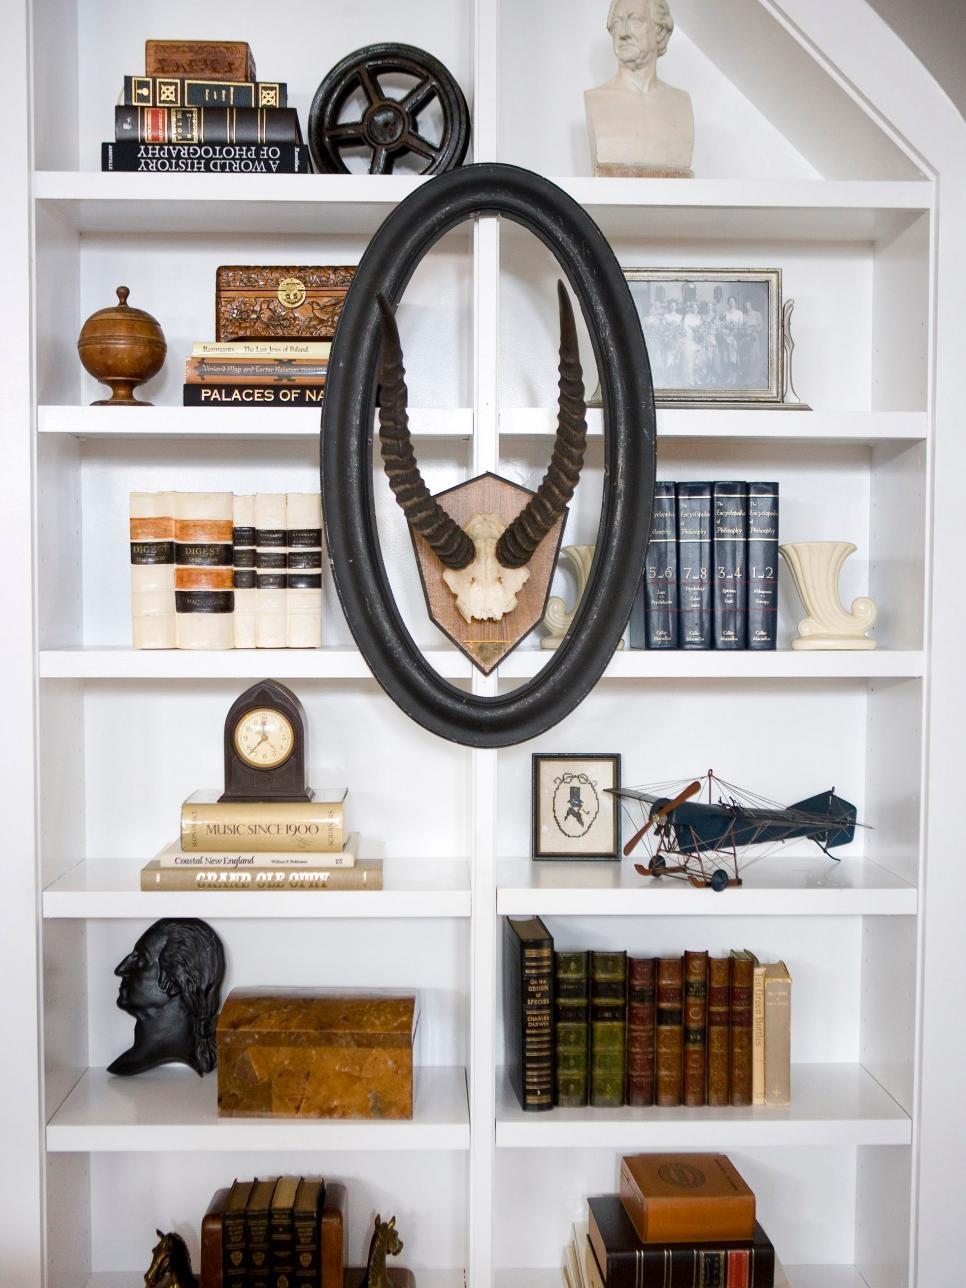 Bookshelf And Wall Shelf Decorating Ideas Hgtv Intended For Bookshelves Designs For Home (#4 of 15)